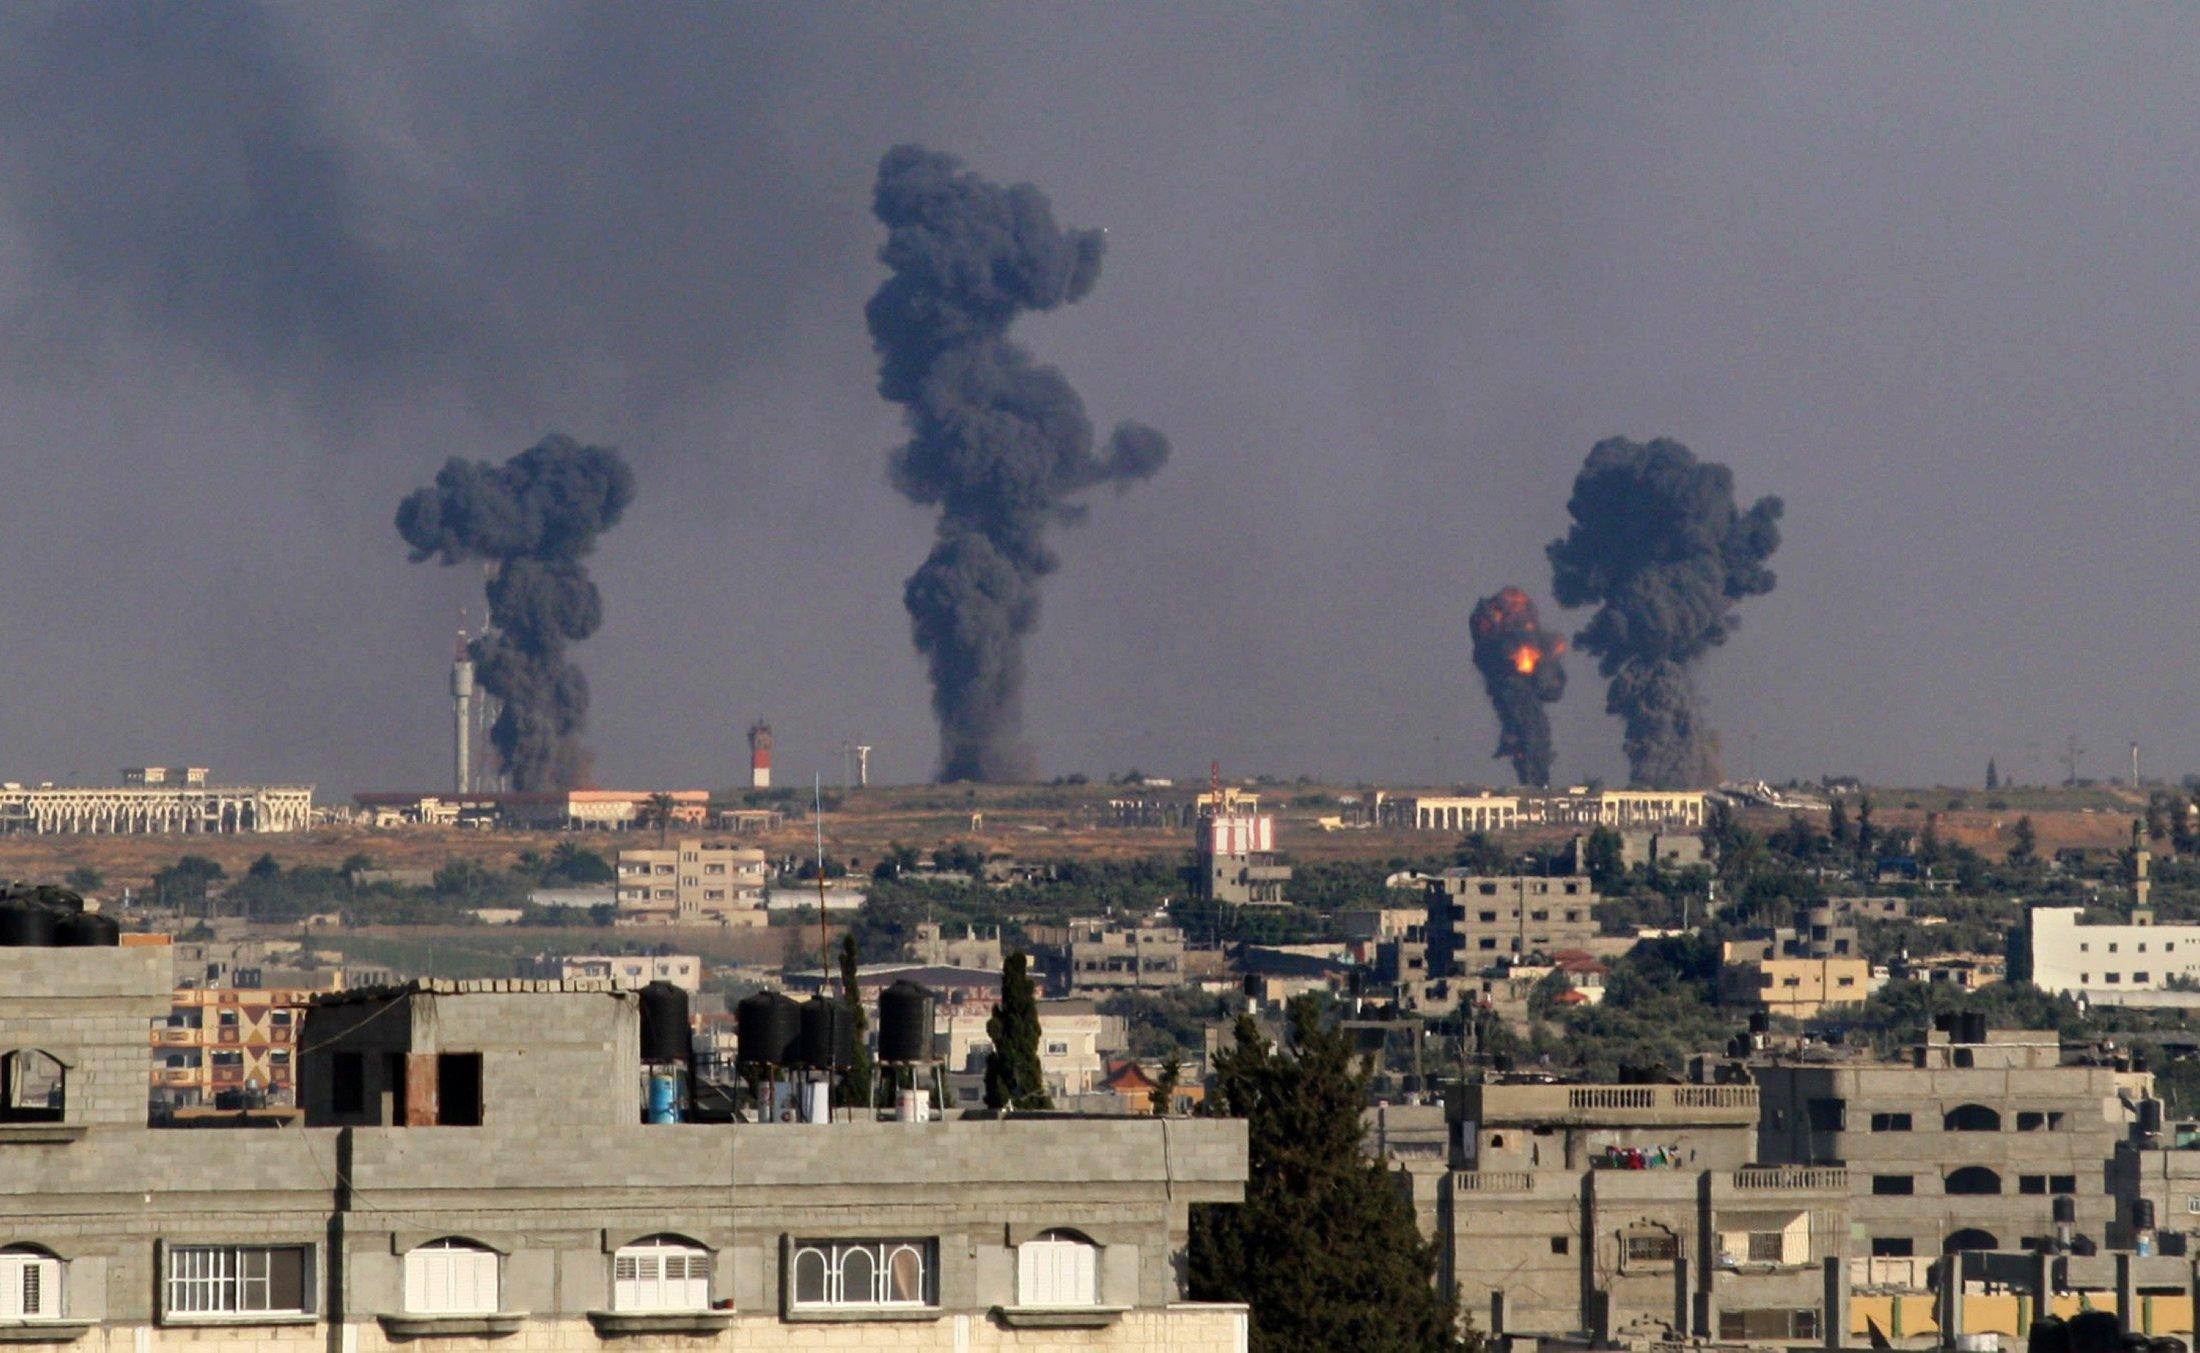 السر وراء إستهداف الطيران الإسرائيلي أبراج غزة